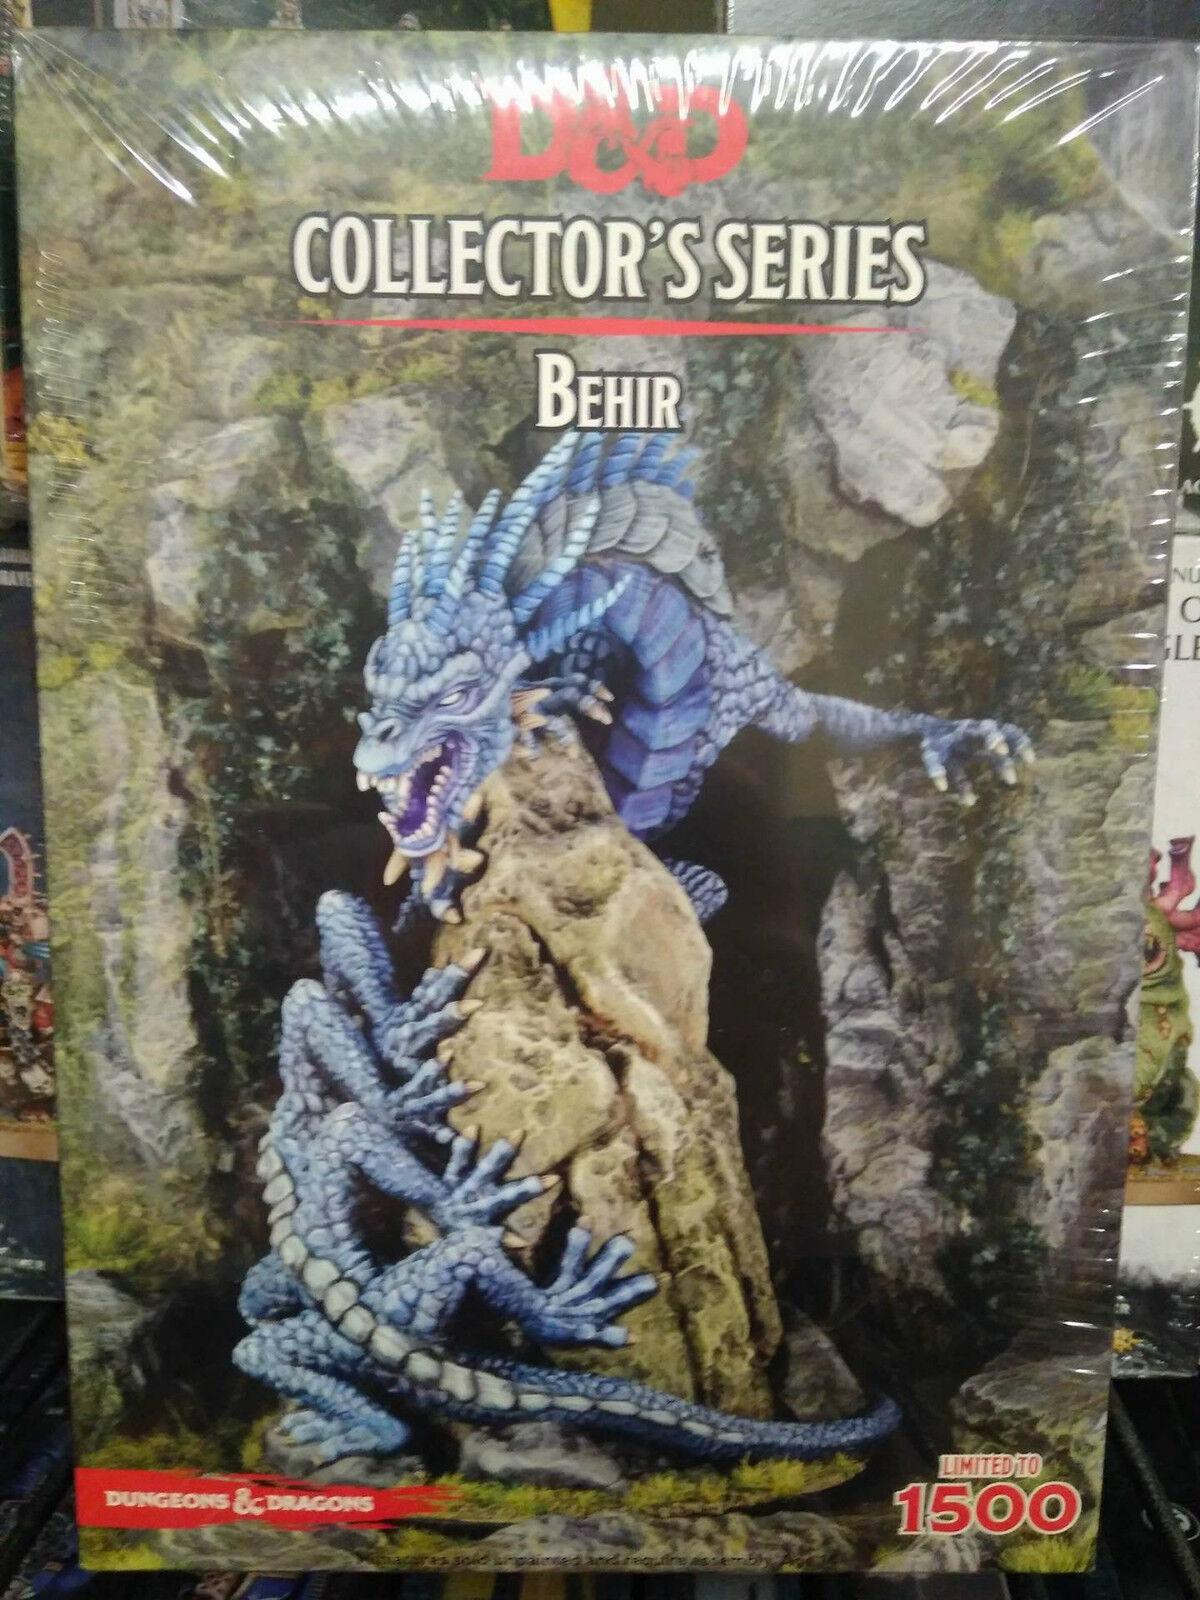 DUNGEONS & DRAGONS COLLECTOR'S SERIES MINIATURES -  BEHIR - Hasbro Wizards  vendita online